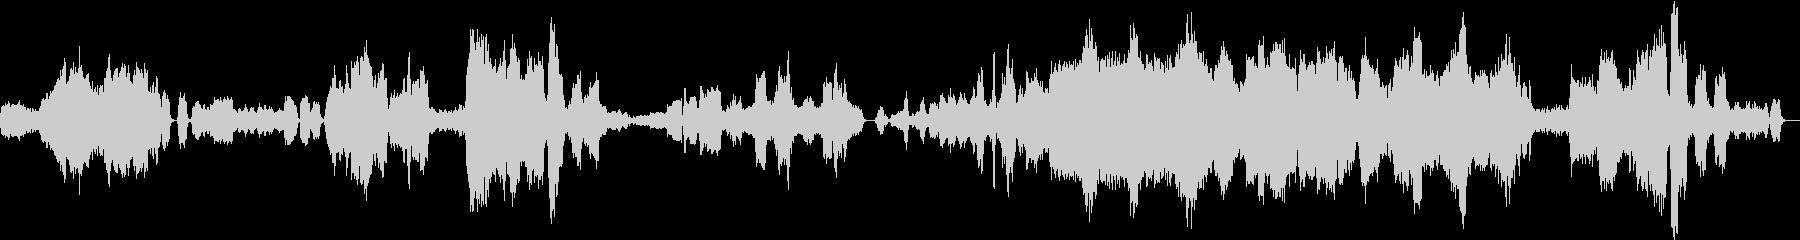 ジャン・シベリウスのカバーの未再生の波形